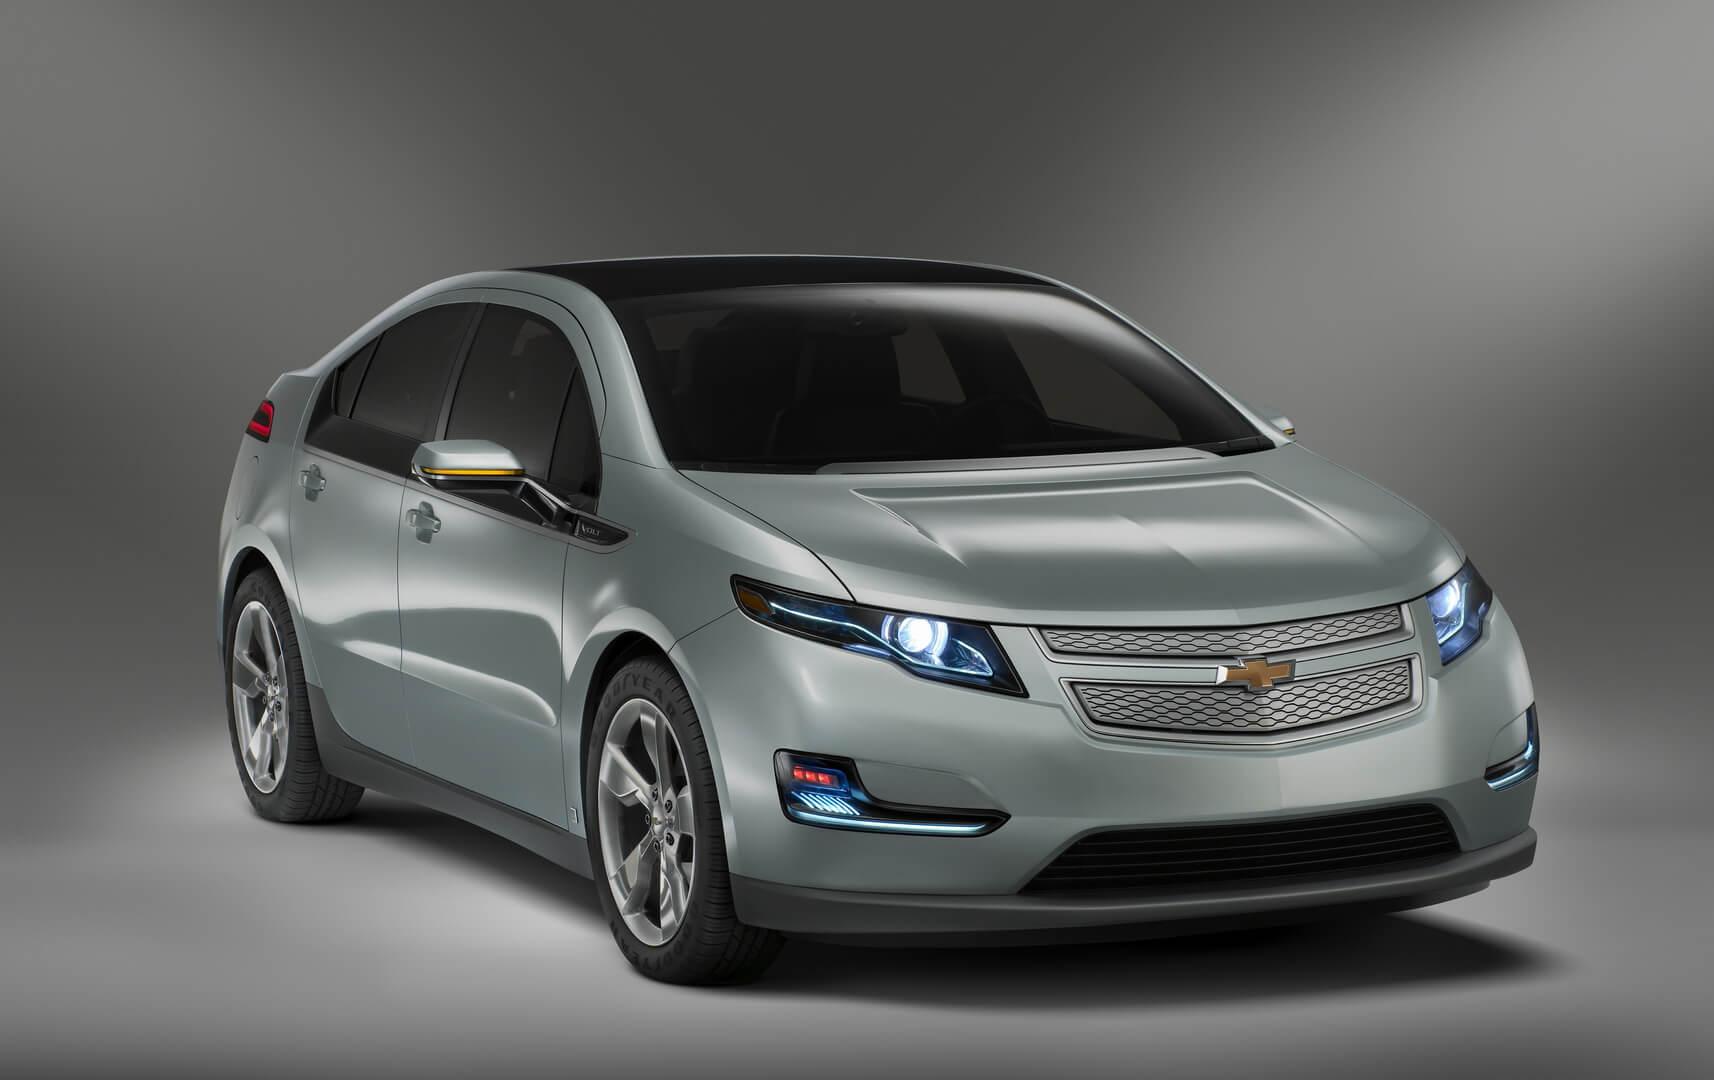 Плагин-гибрид Chevrolet Volt